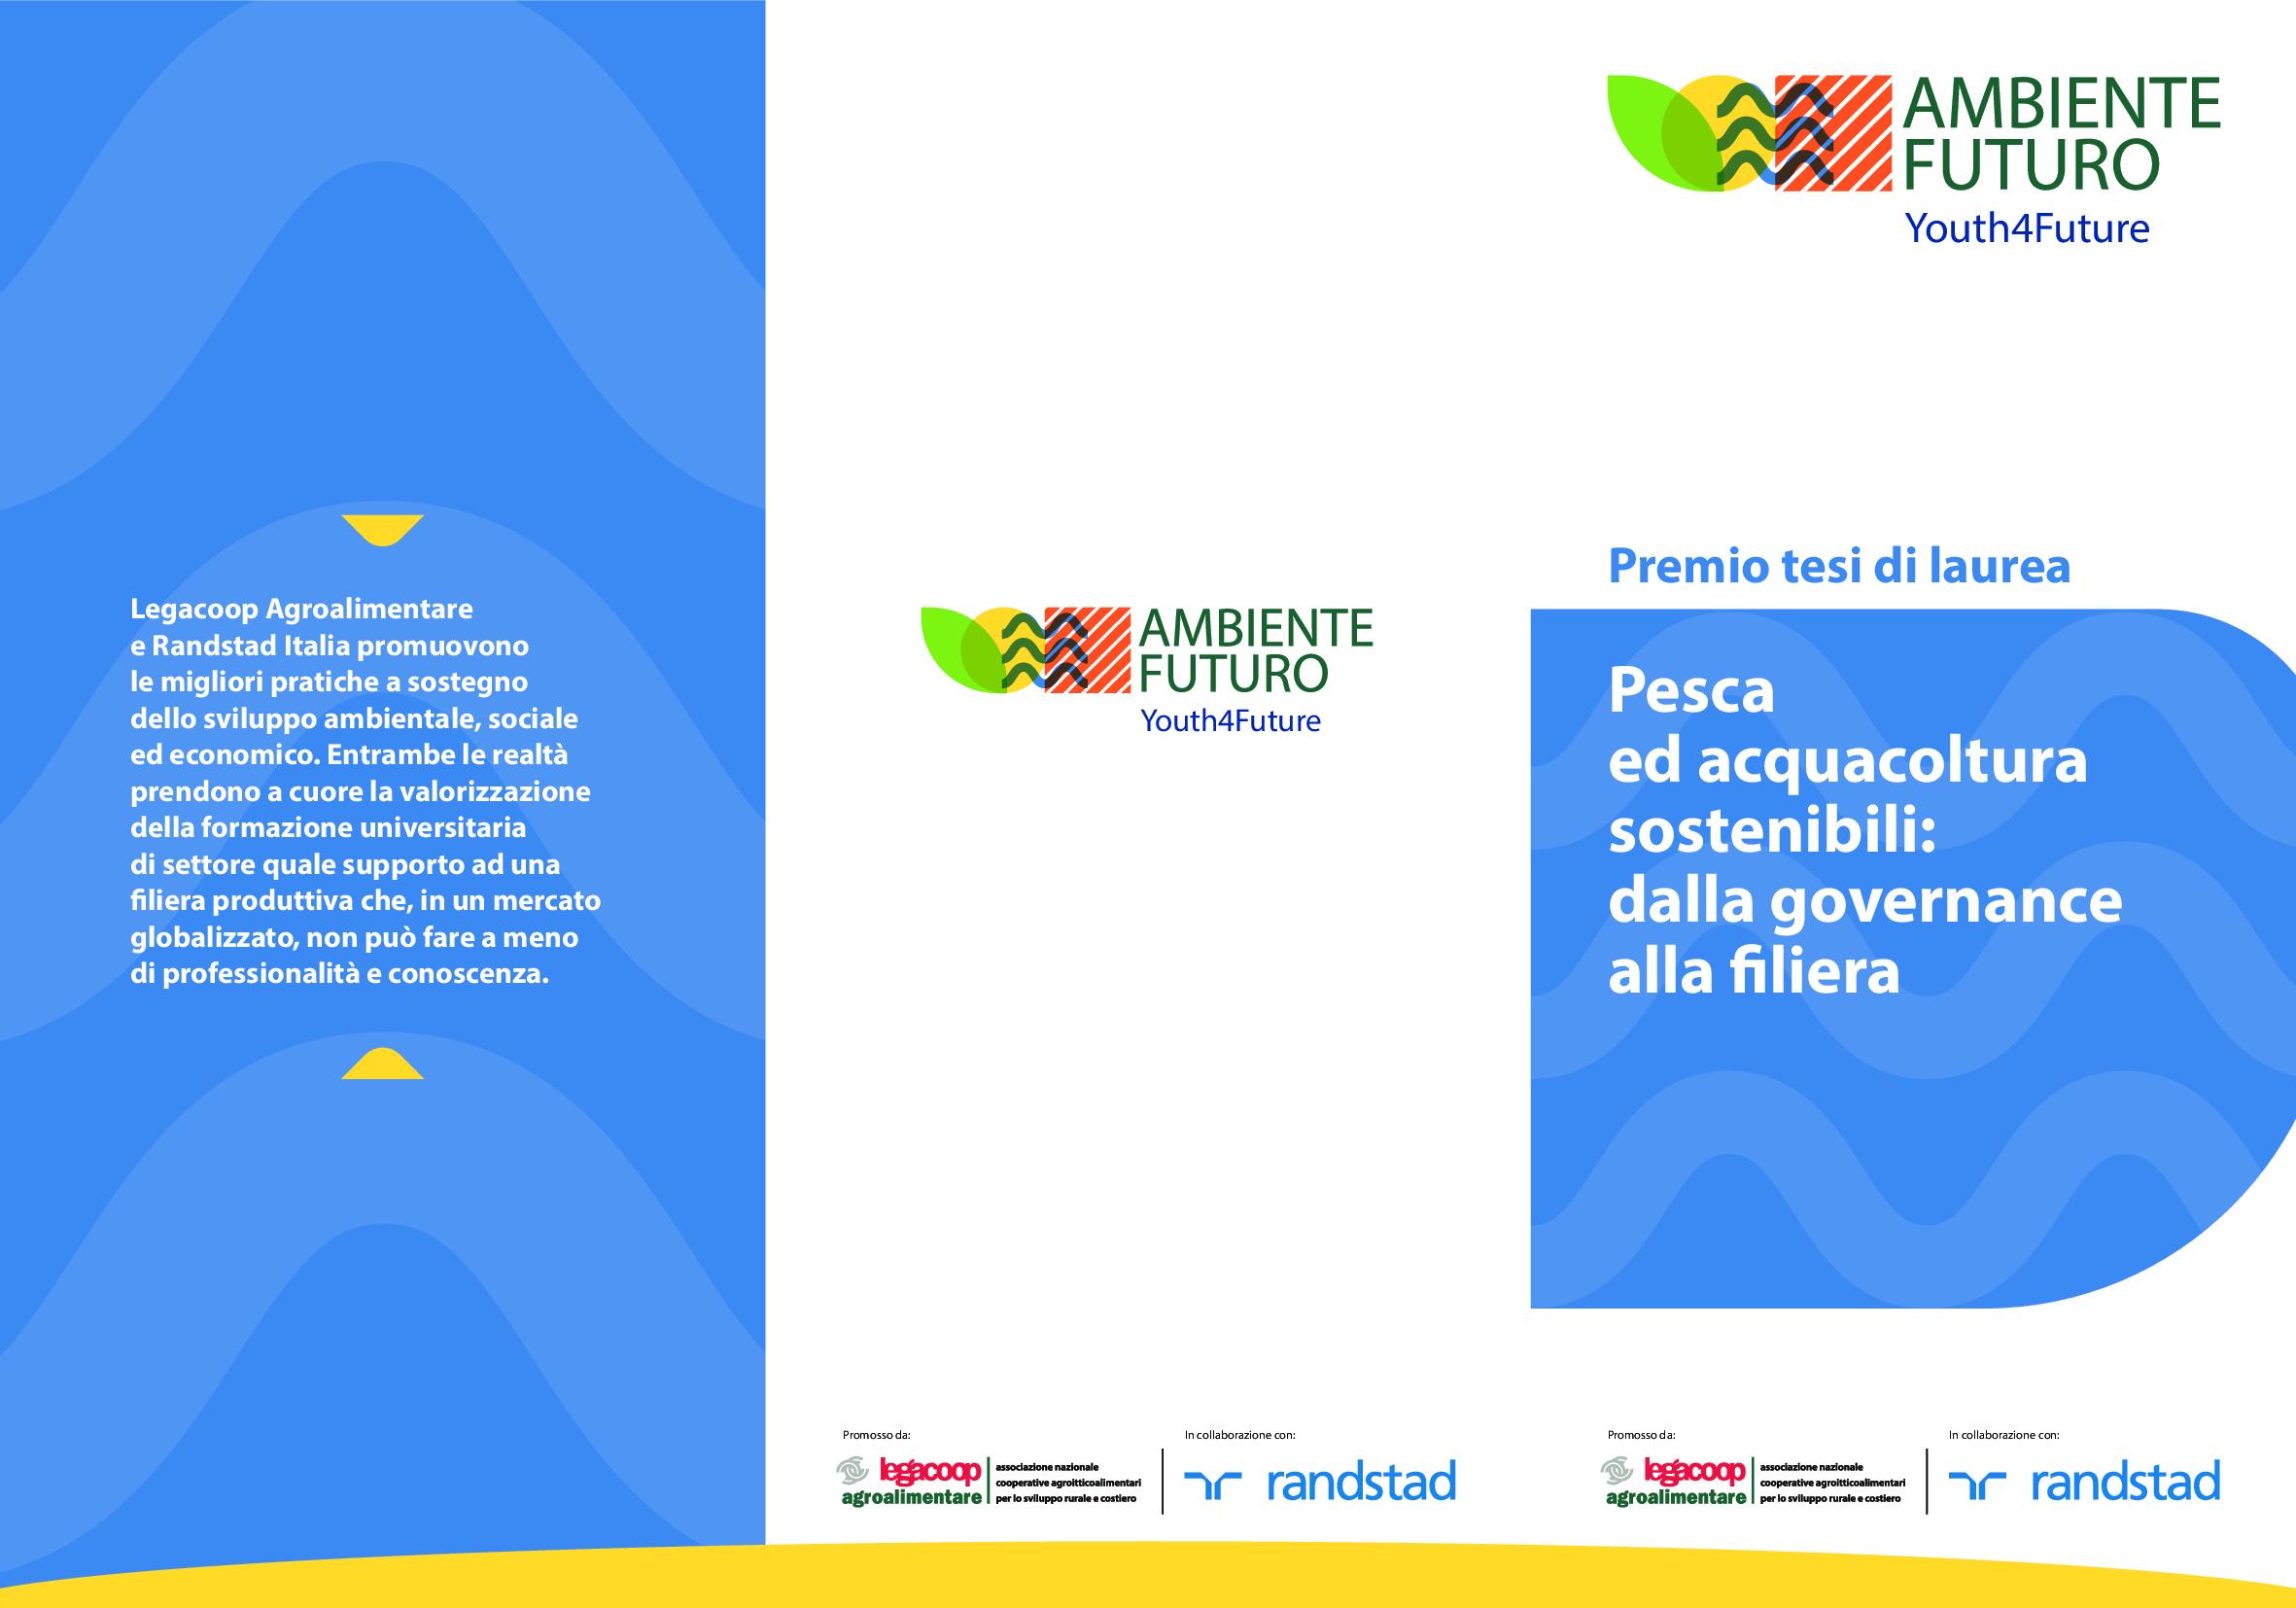 Premio tesi di laurea. Pesca ed acquacoltura sostenibili: dalla governance alla filiera